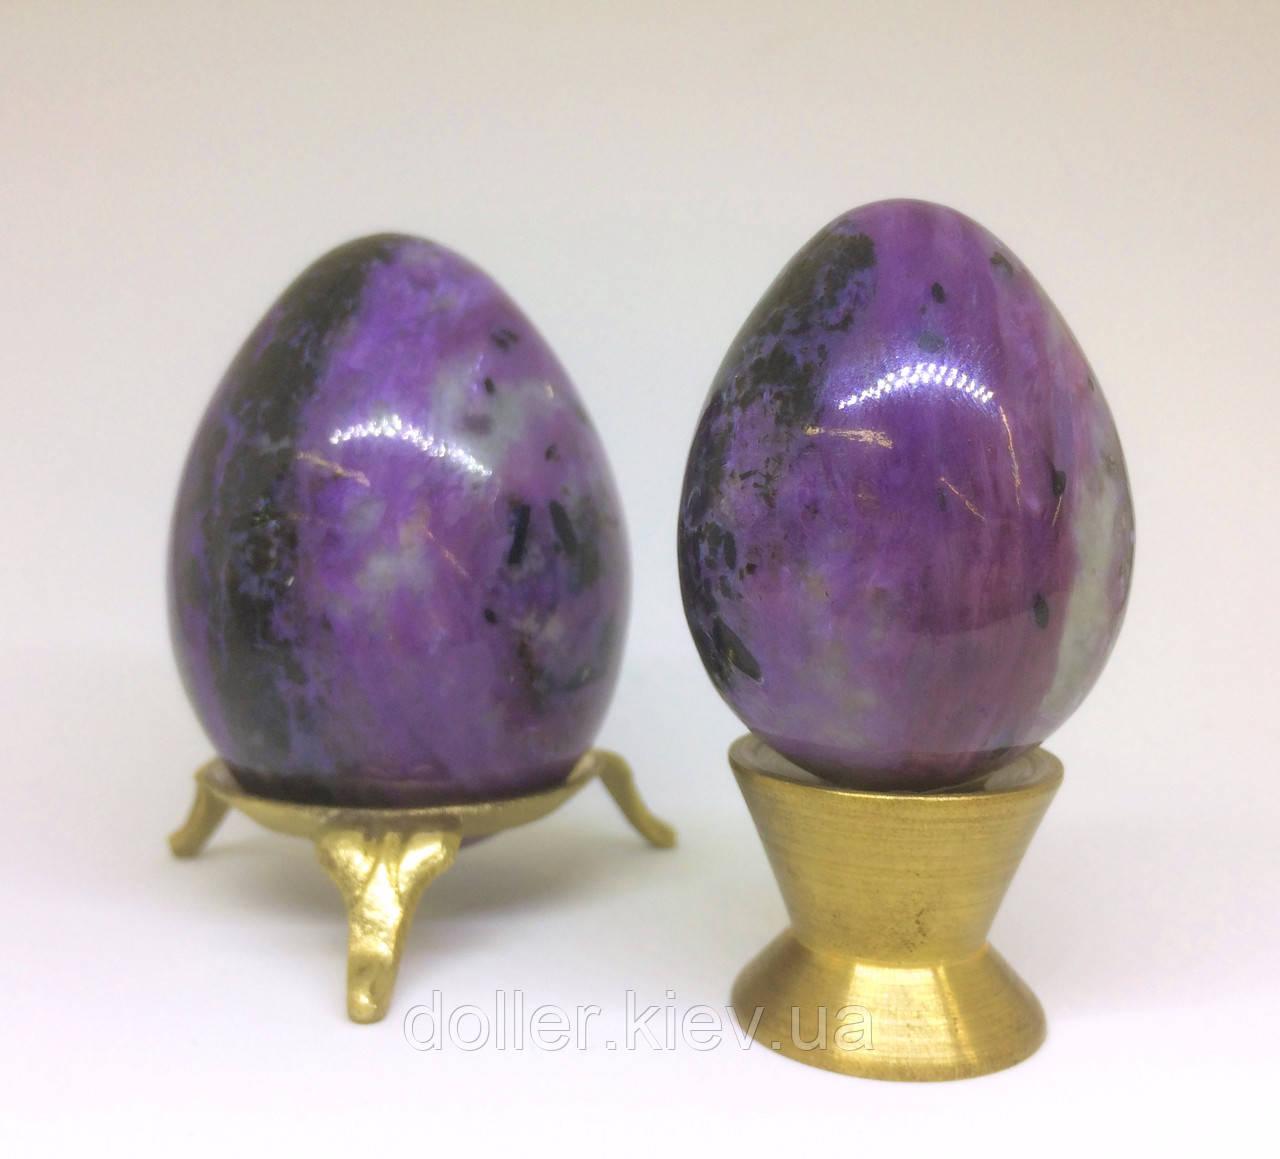 Яйцо из чароита малое